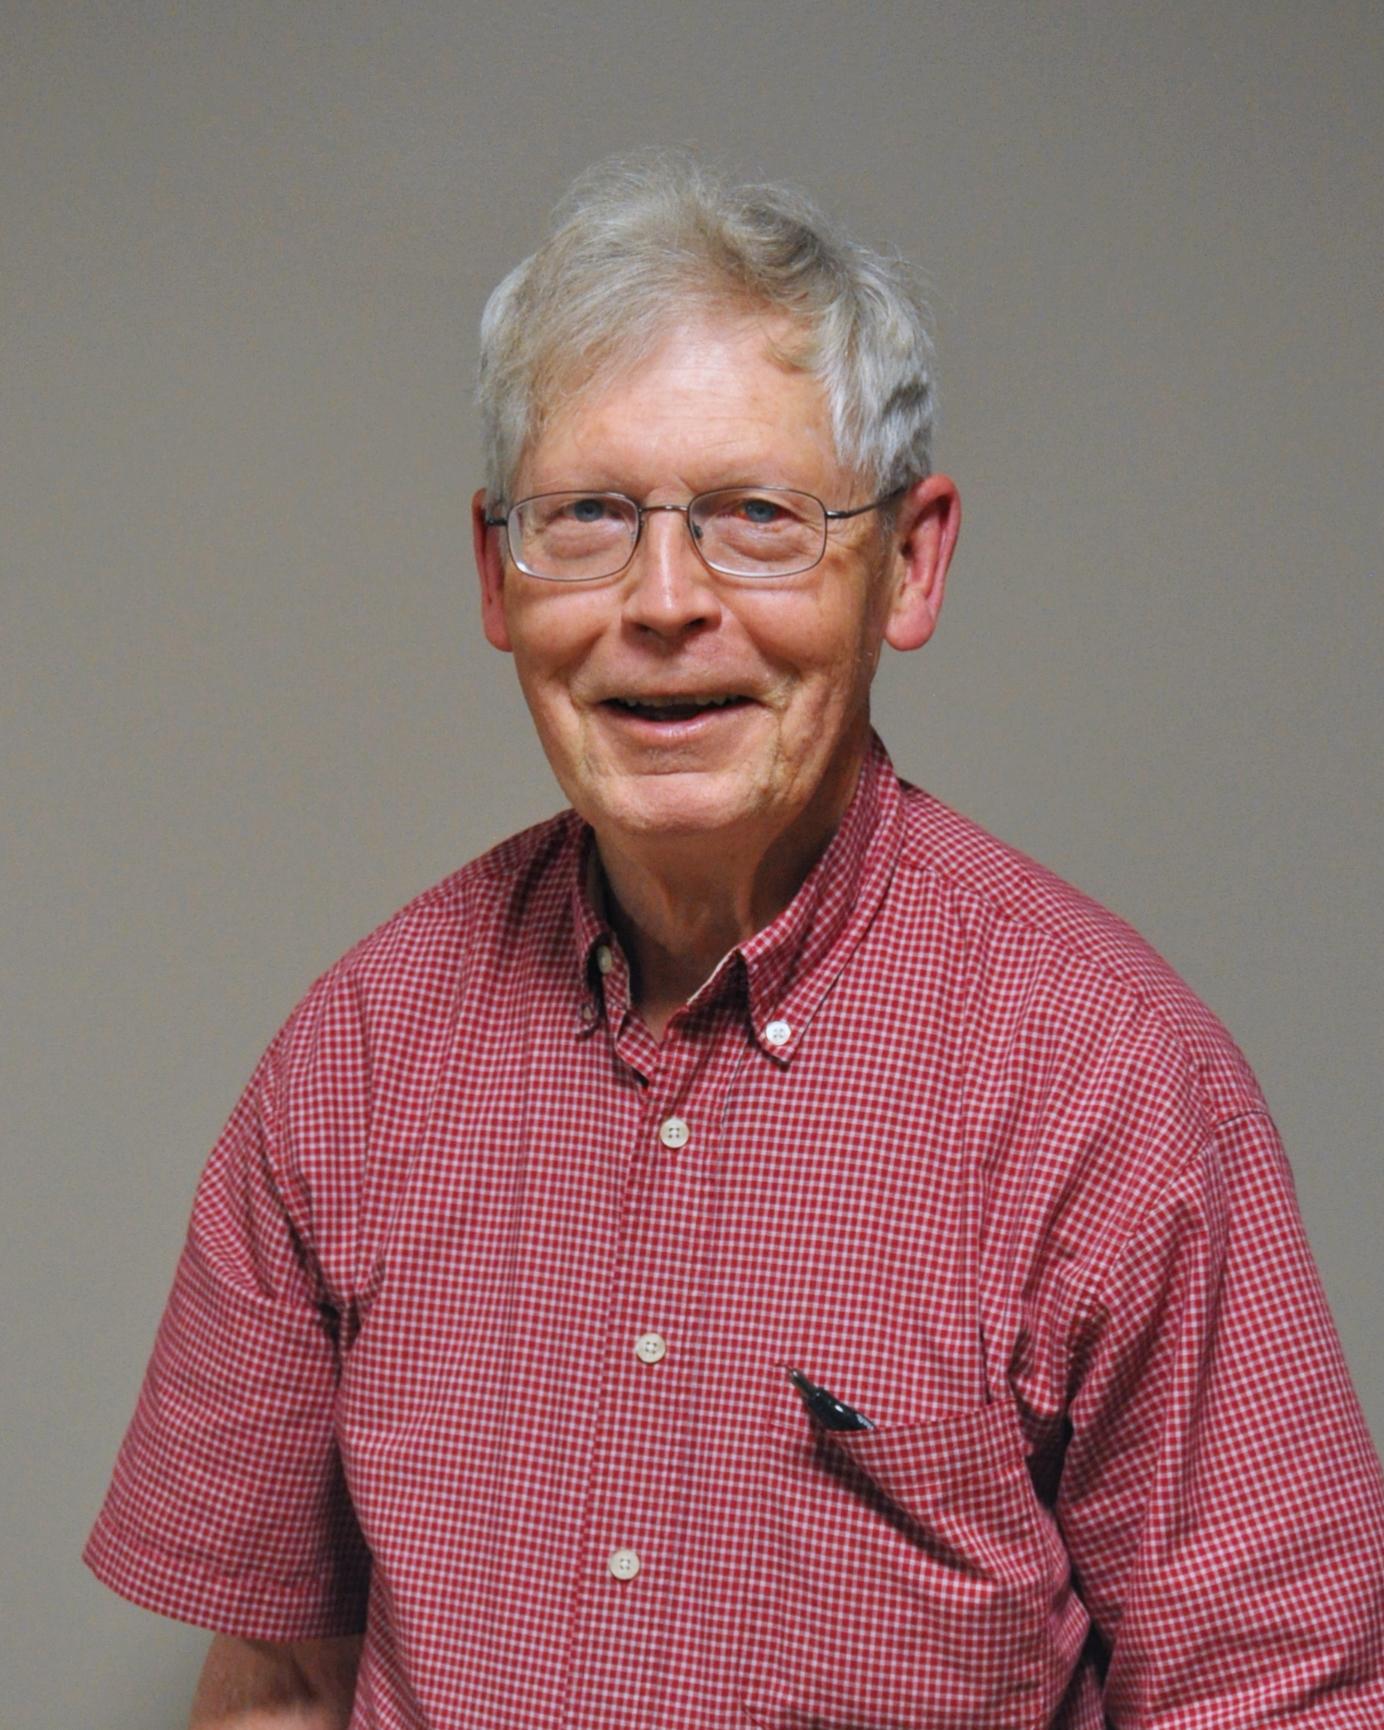 Rev. Alan Anderson